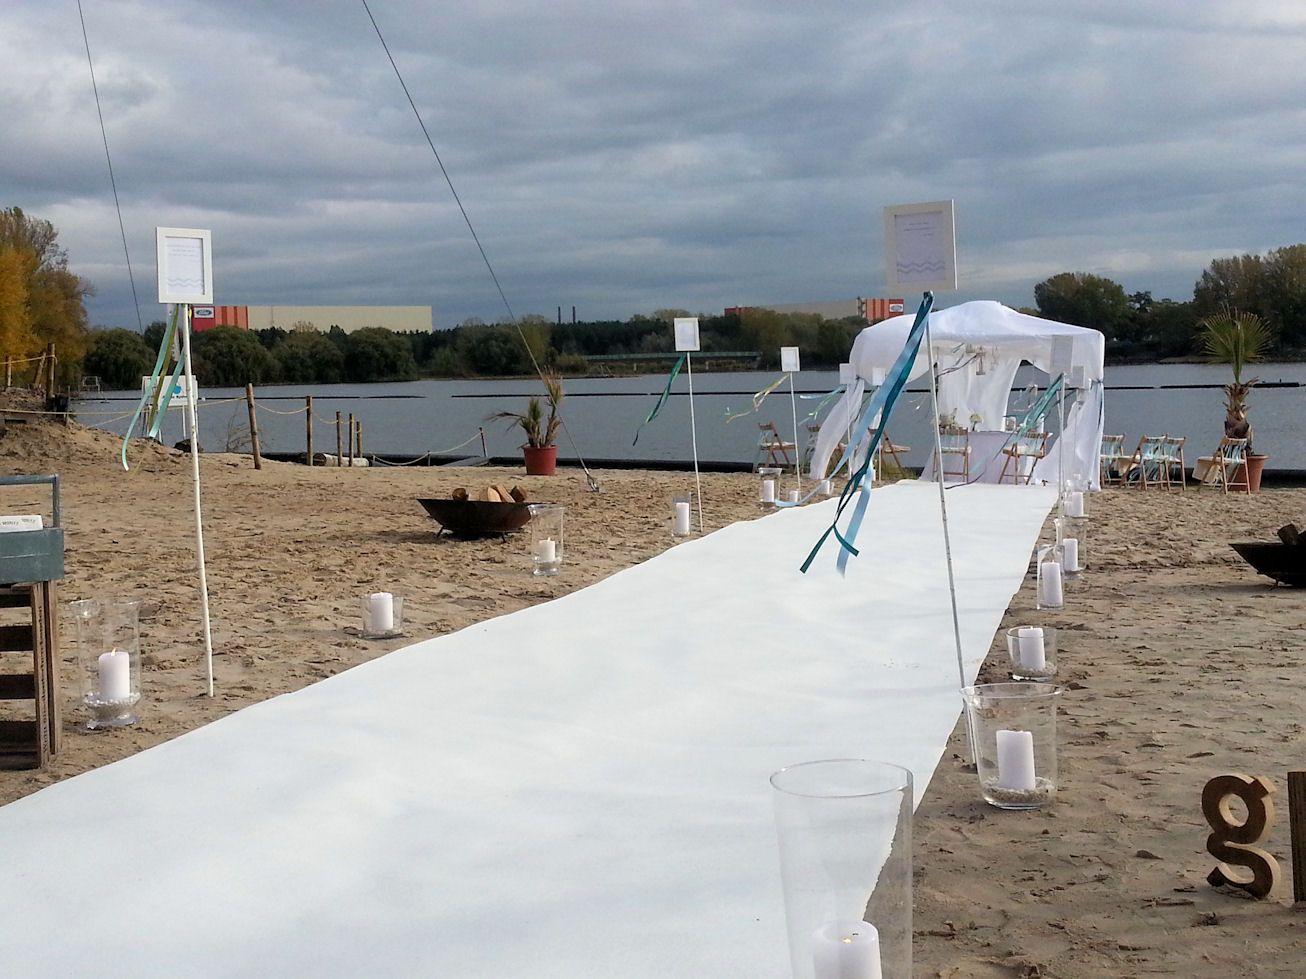 Freie Trauung im Seepavillon in Köln dargestellt durch das Event